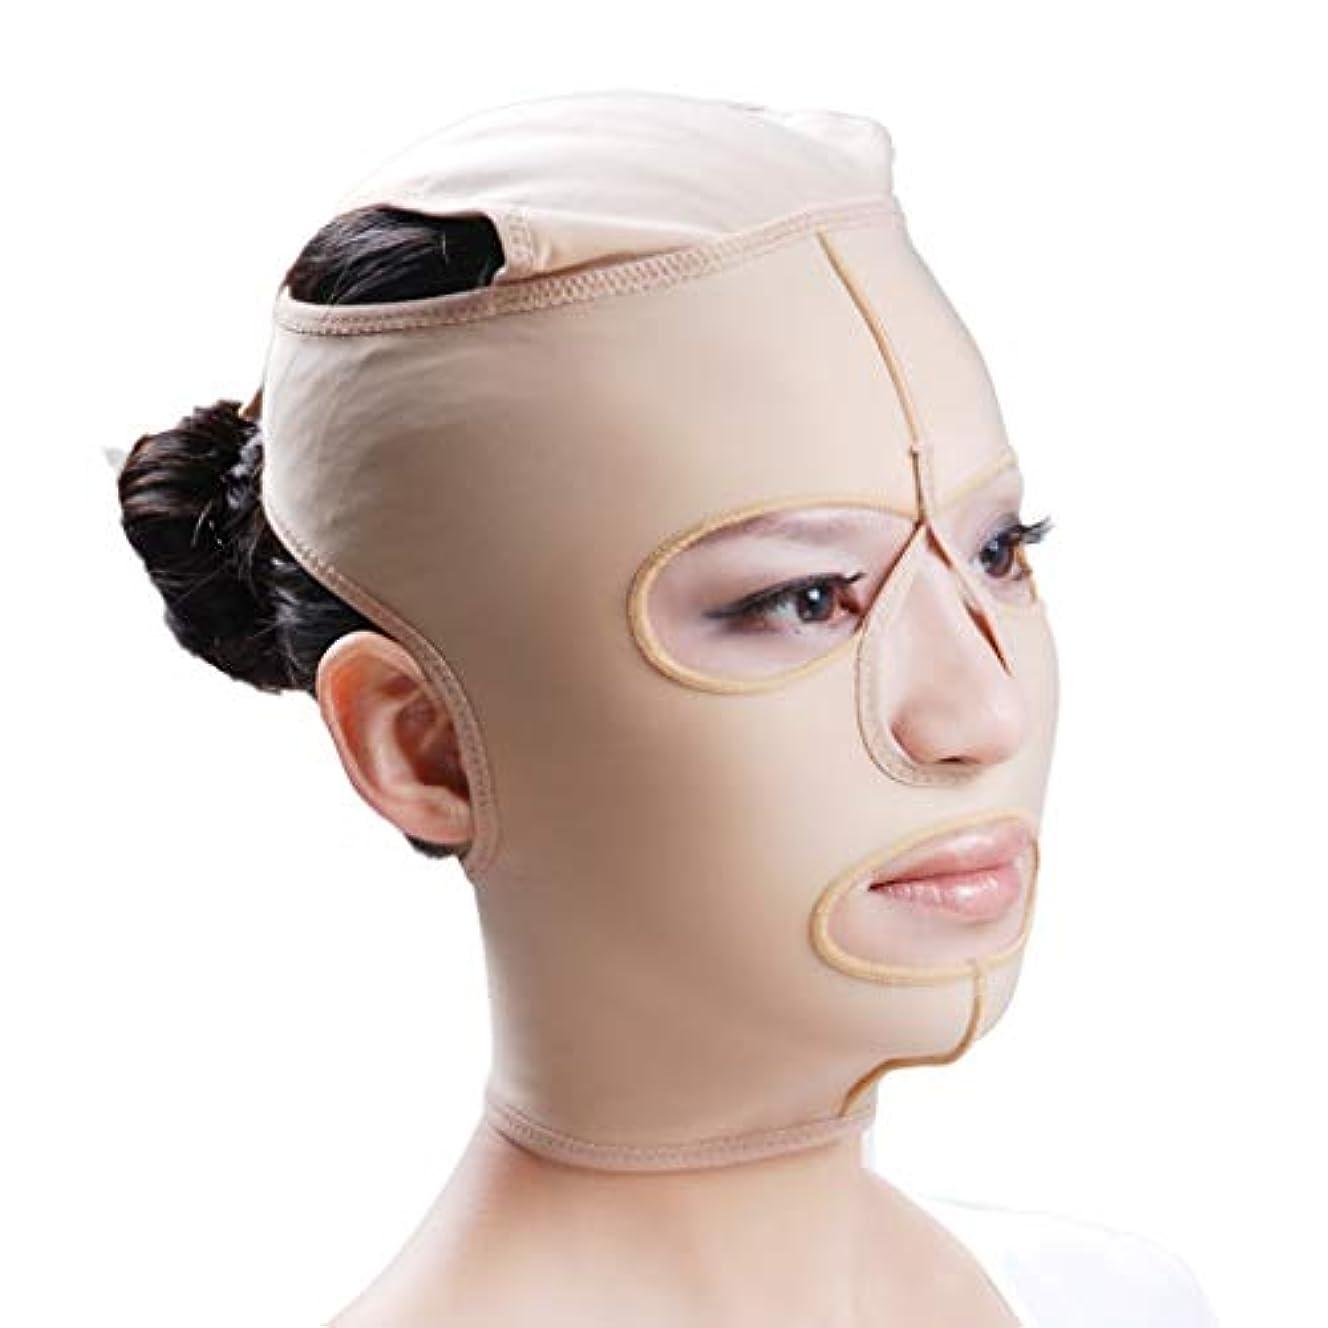 トラフステーキ汚物LJK フェイスリフトマスク、フルフェイスマスク医療グレード圧力フェイスダブルチンプラスチック脂肪吸引術弾性包帯ヘッドギア後の顔の脂肪吸引術 (Size : M)